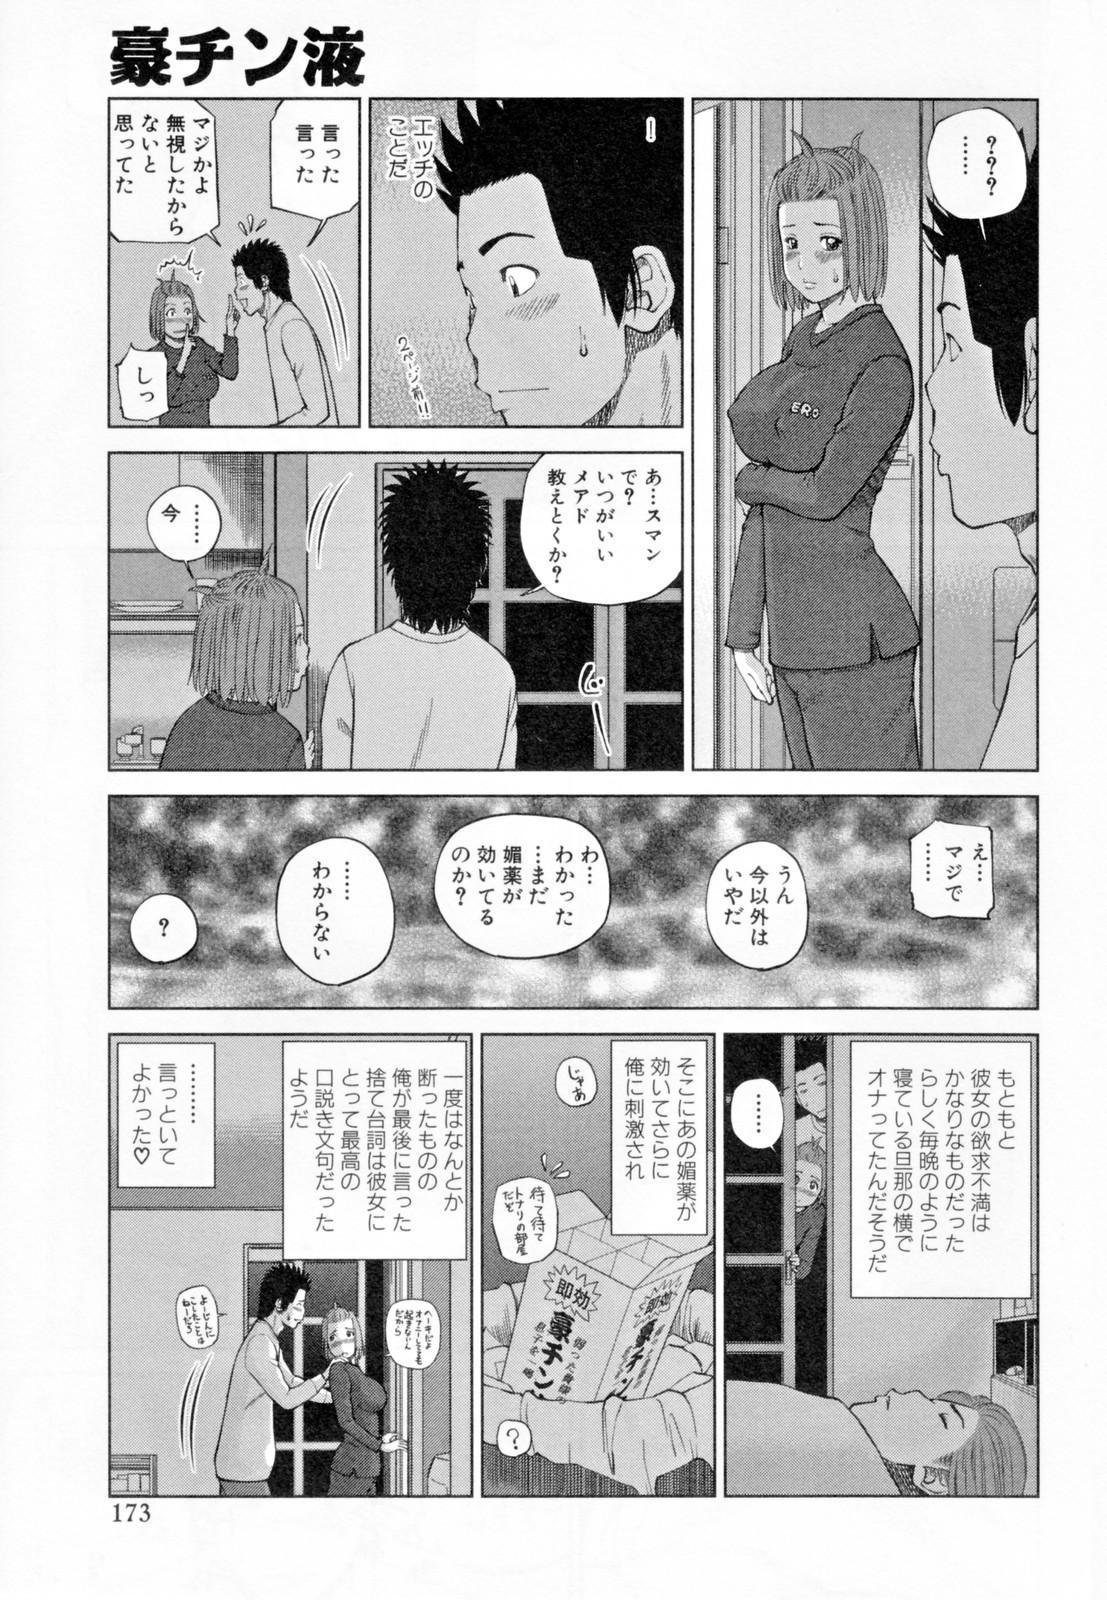 32 Sai Yokkyuufuman no Hitozuma 176